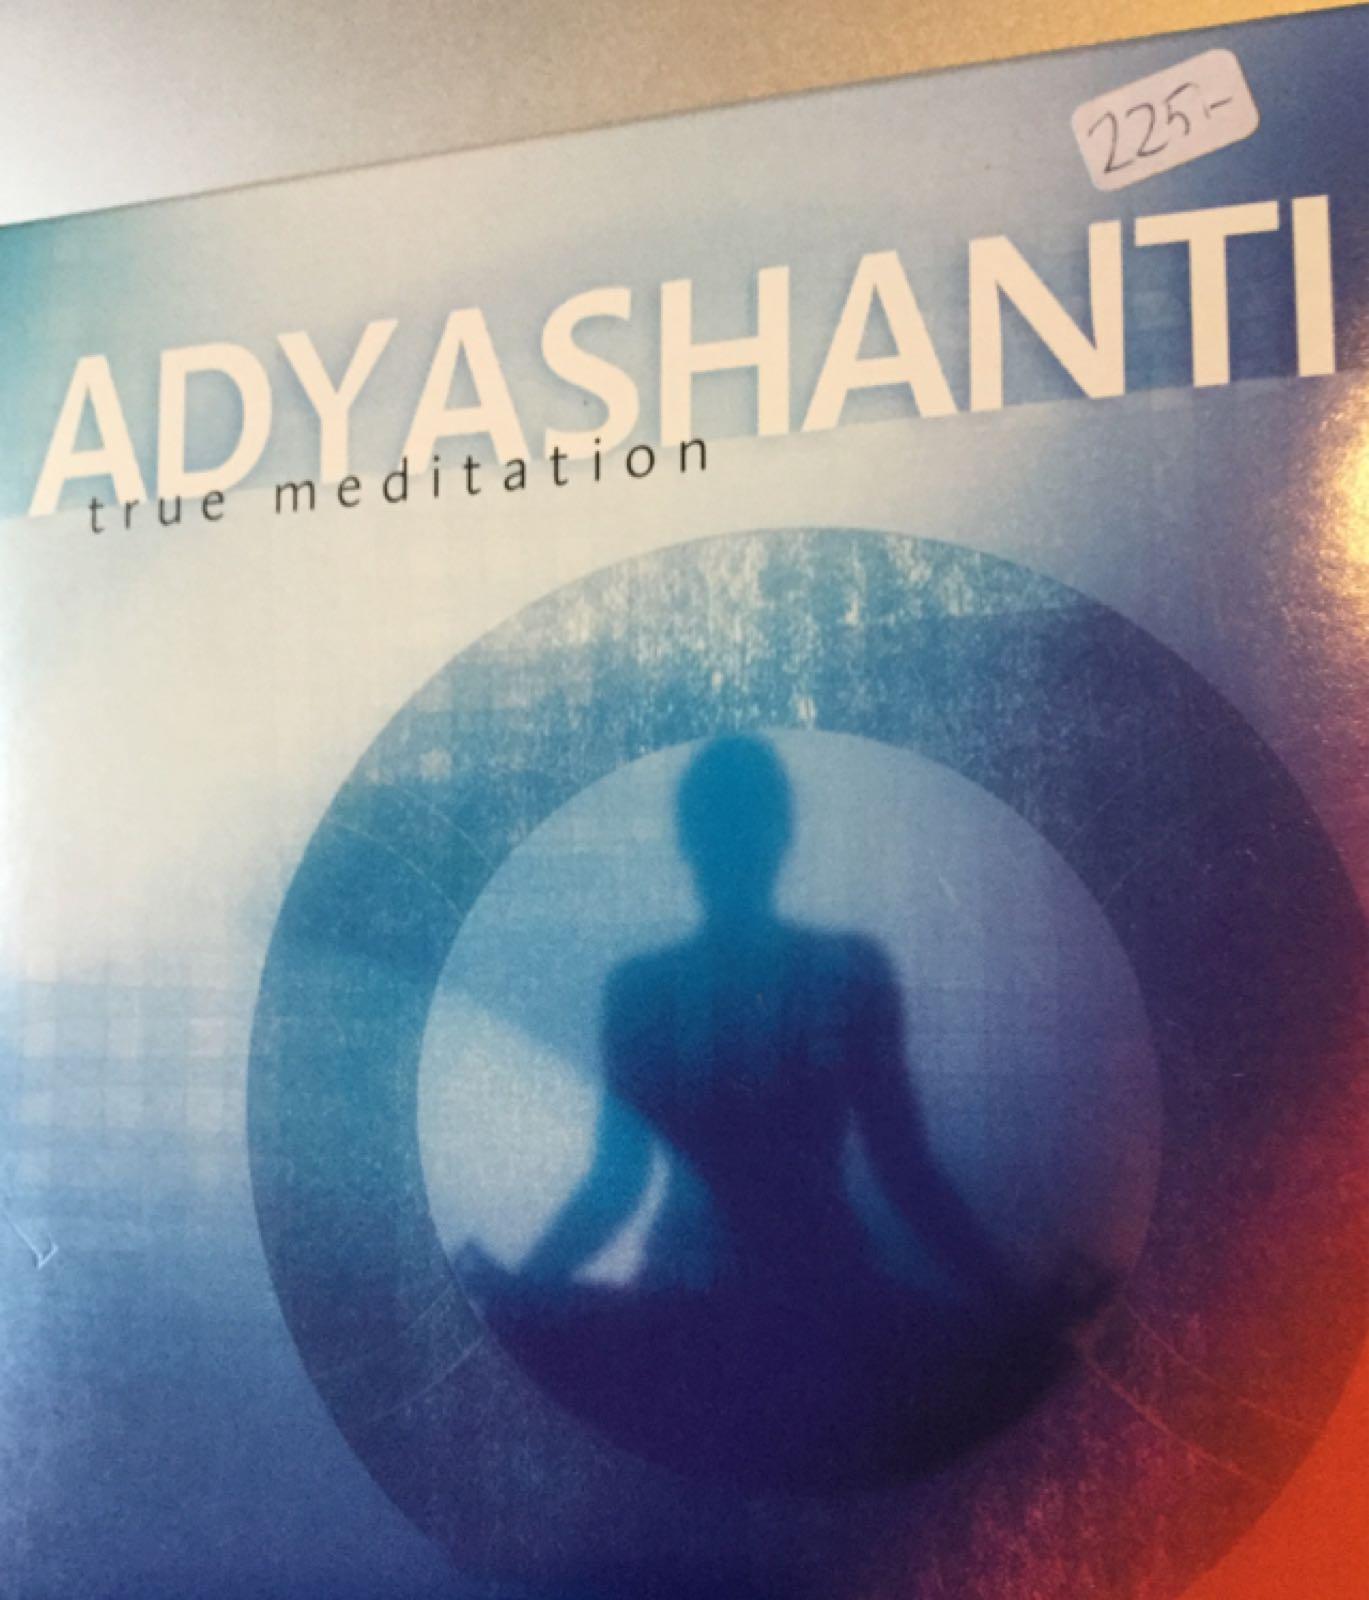 CD Adyashanti 225:-